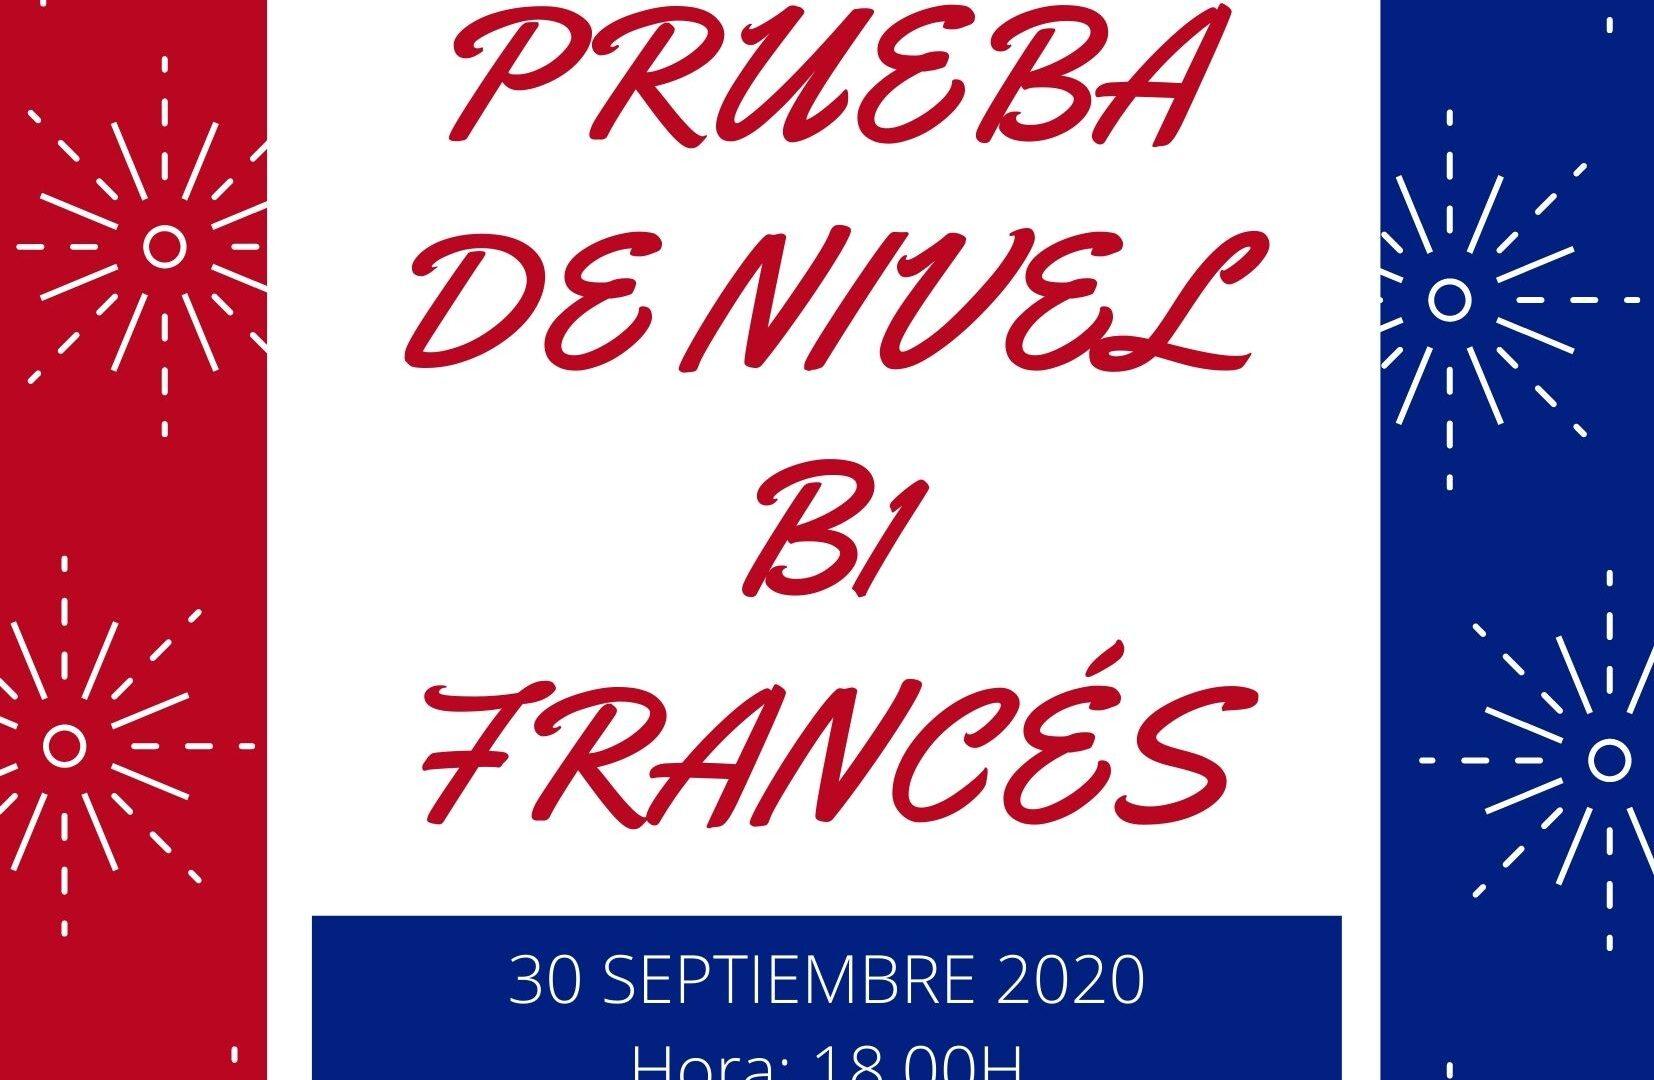 Prueba de Nivel B1 FRANCÉS